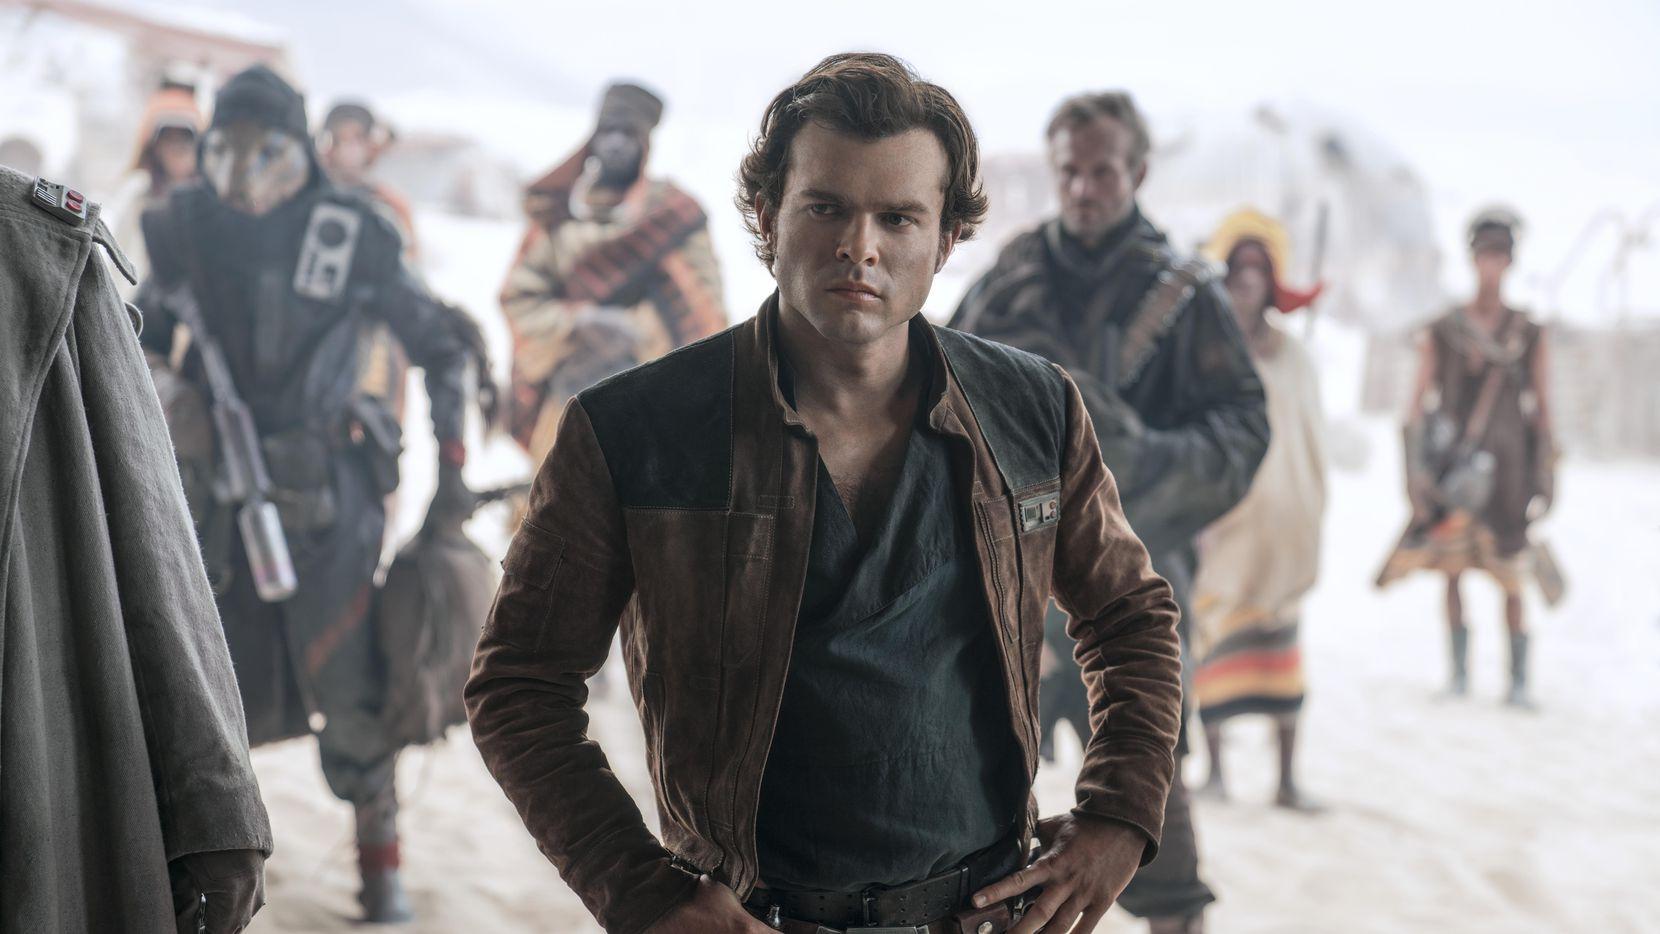 """Alden Ehrenreich interpreta a Han Solo, rol que iconizó Harrison Ford, en la nueva cinta """"Solo: A Star Wars Story""""."""